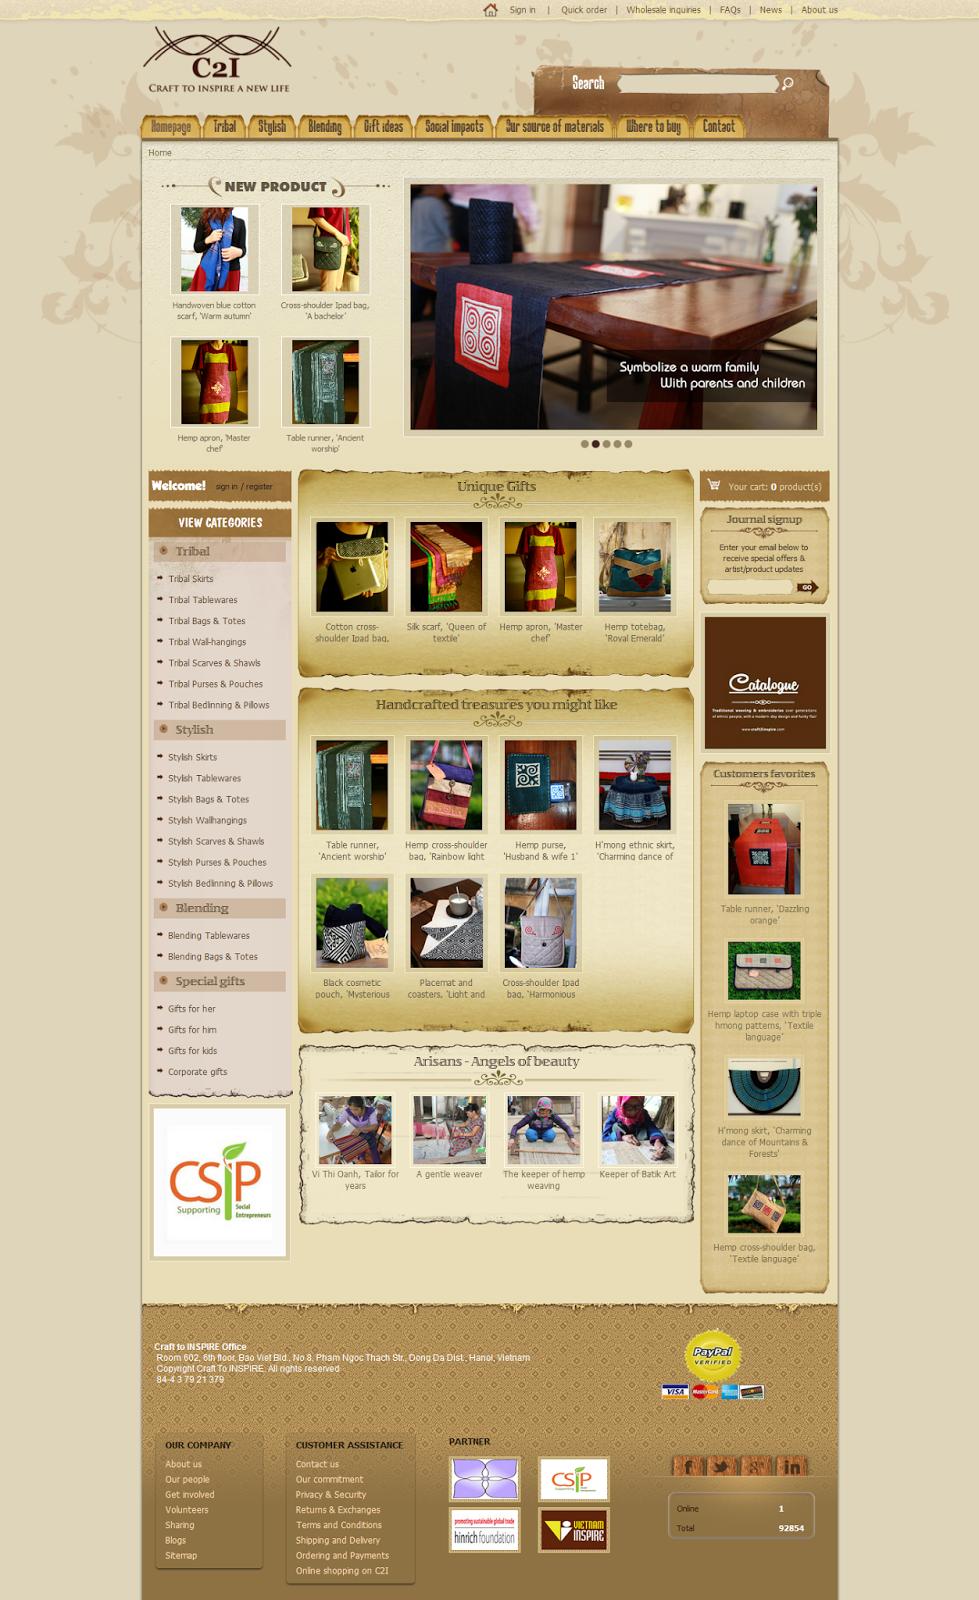 thiết kế web bán hàng thủ công mỹ nghệ đẹp